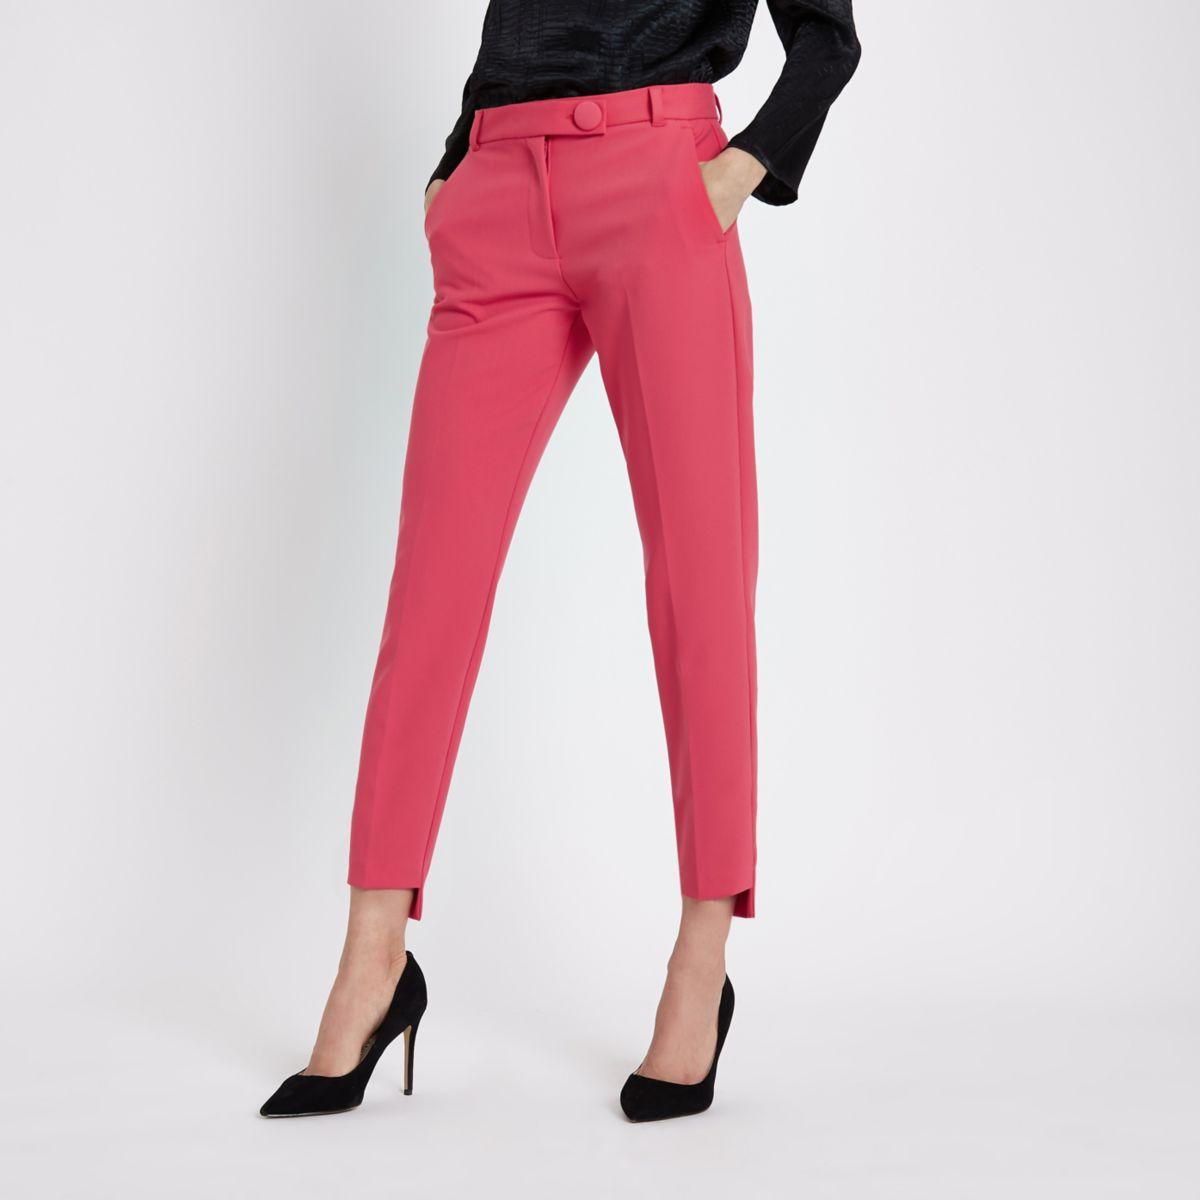 Roze smaltoelopende broek met ongelijke zoom